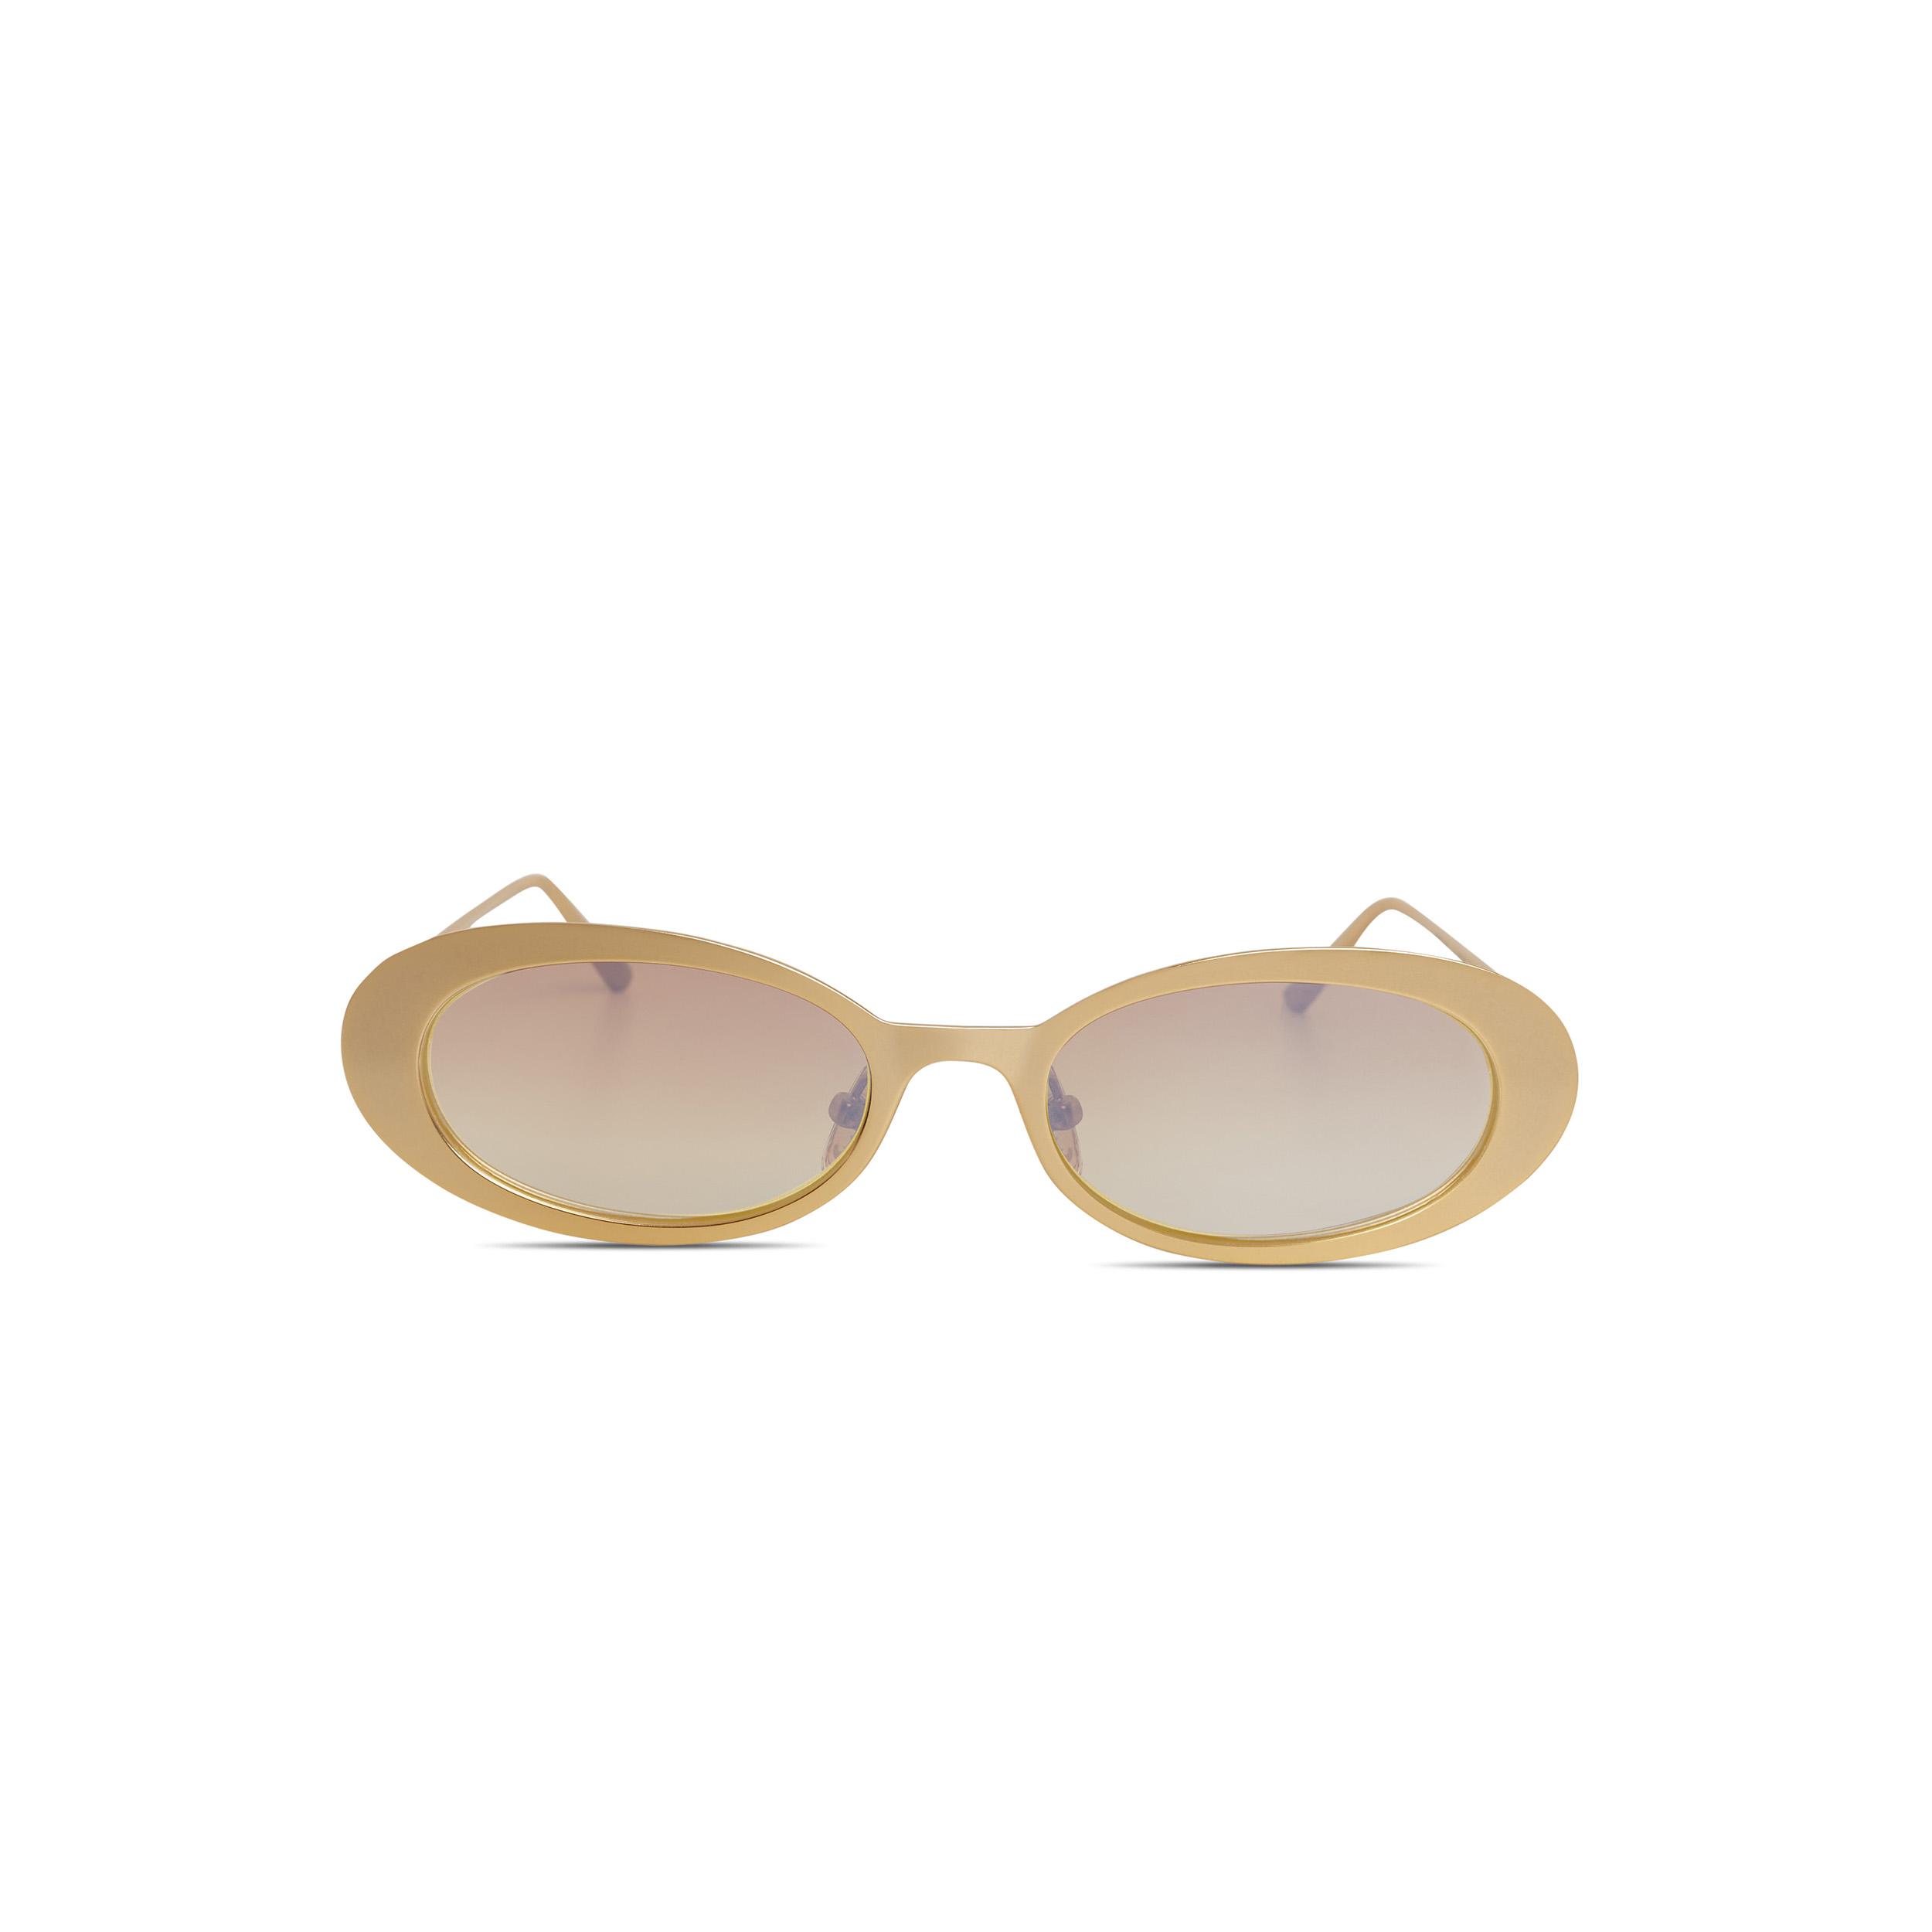 Elisa Johnson Sunglasses